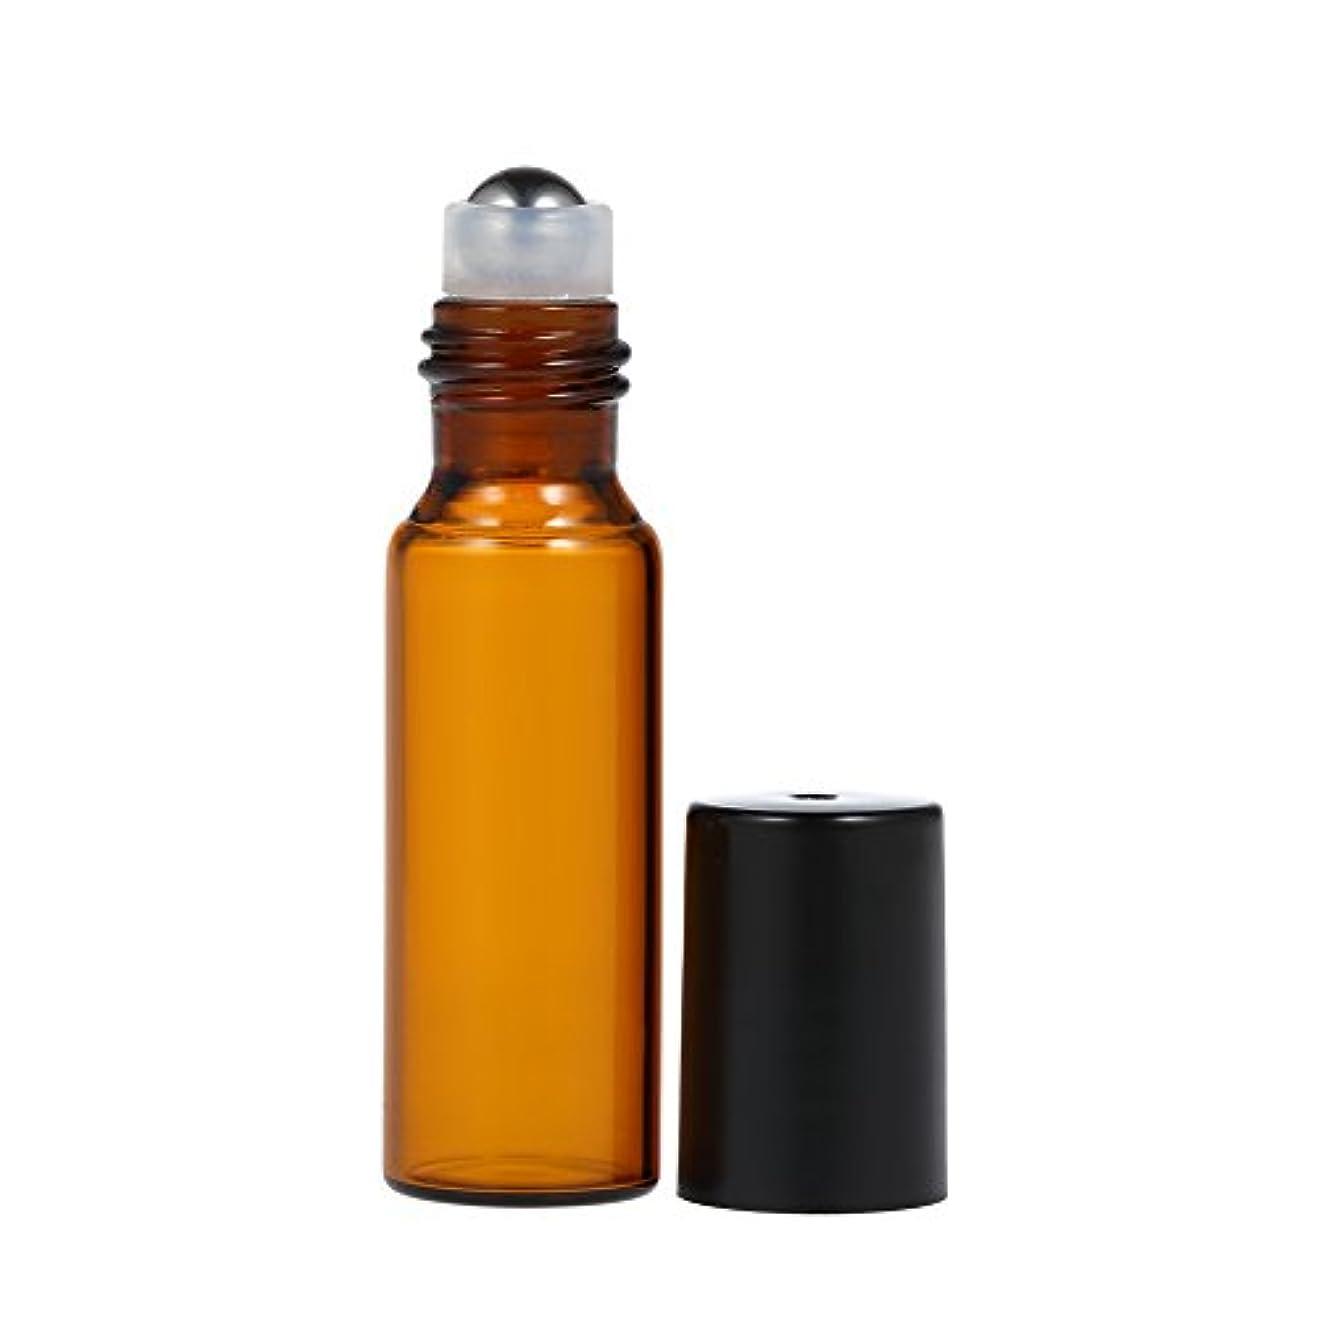 ティーム非効率的な取り除くDecdeal エッセンシャルオイルボトル アンバー ガラスボトル エッセンシャルオイルジャー 10個10ml